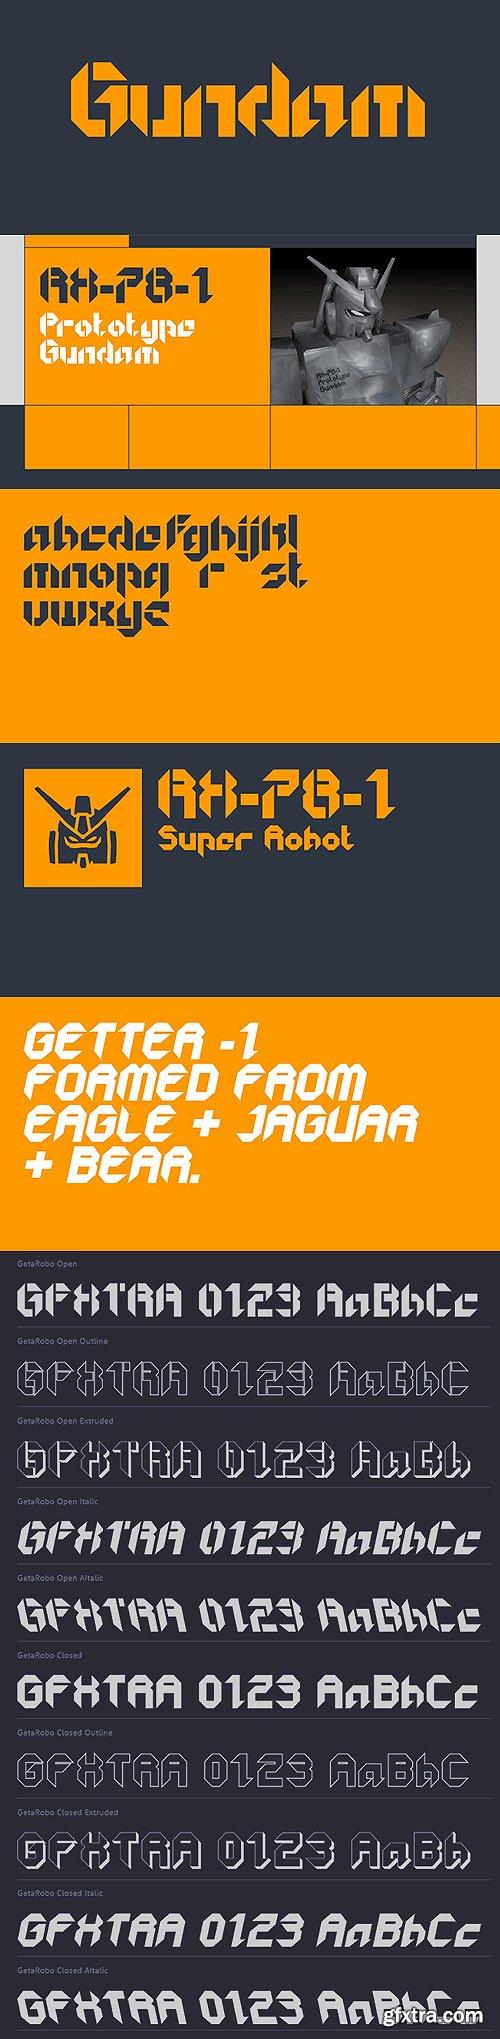 GetaRobo Font Family 10xOTF $247